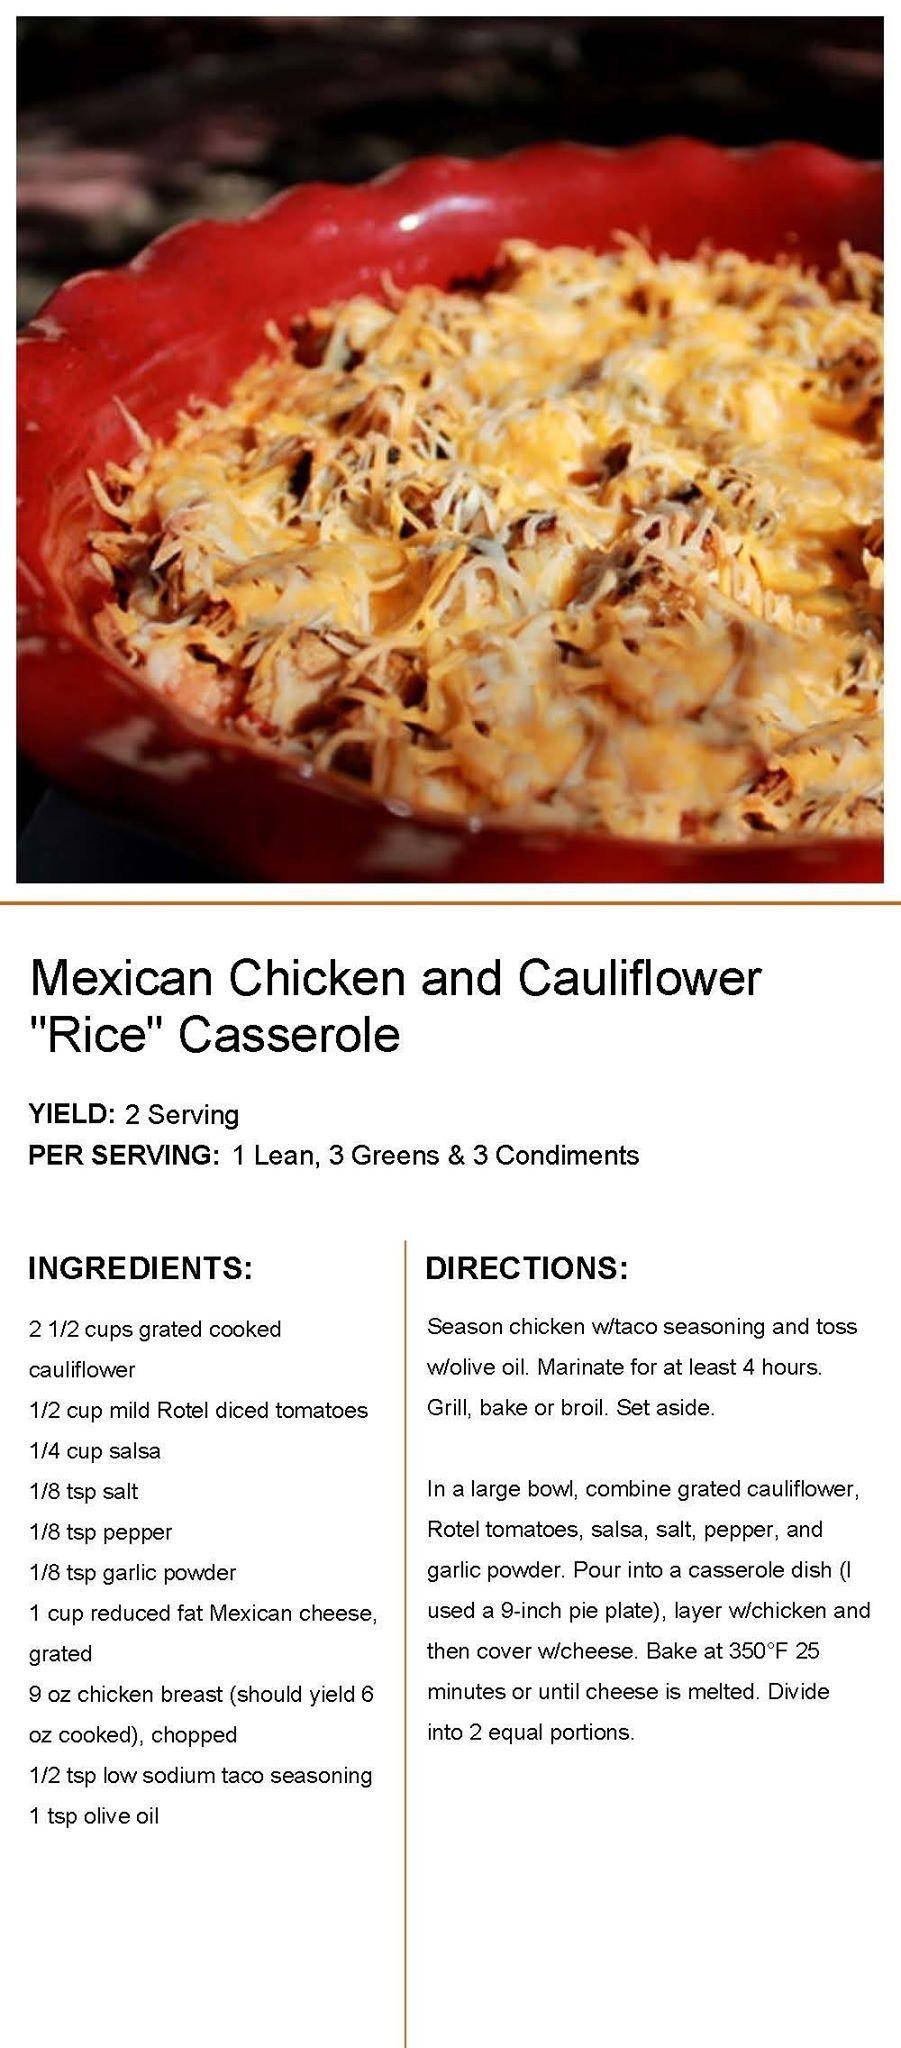 #ricedcauliflower